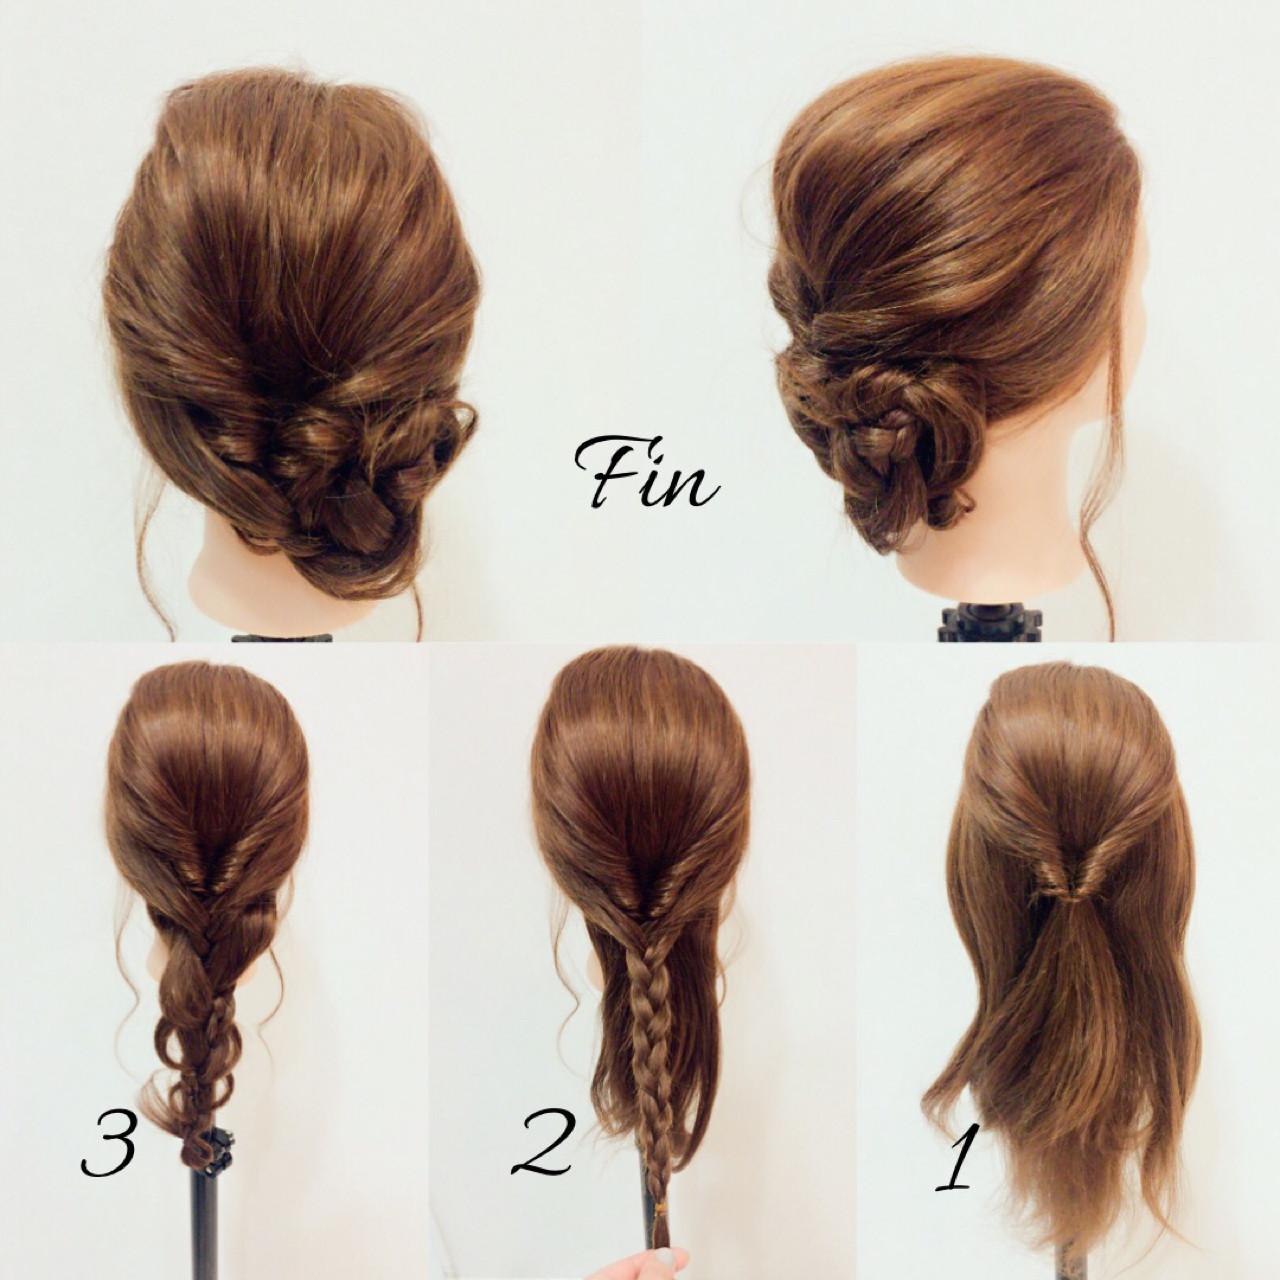 フェミニン ヘアアレンジ ミディアム 春 ヘアスタイルや髪型の写真・画像